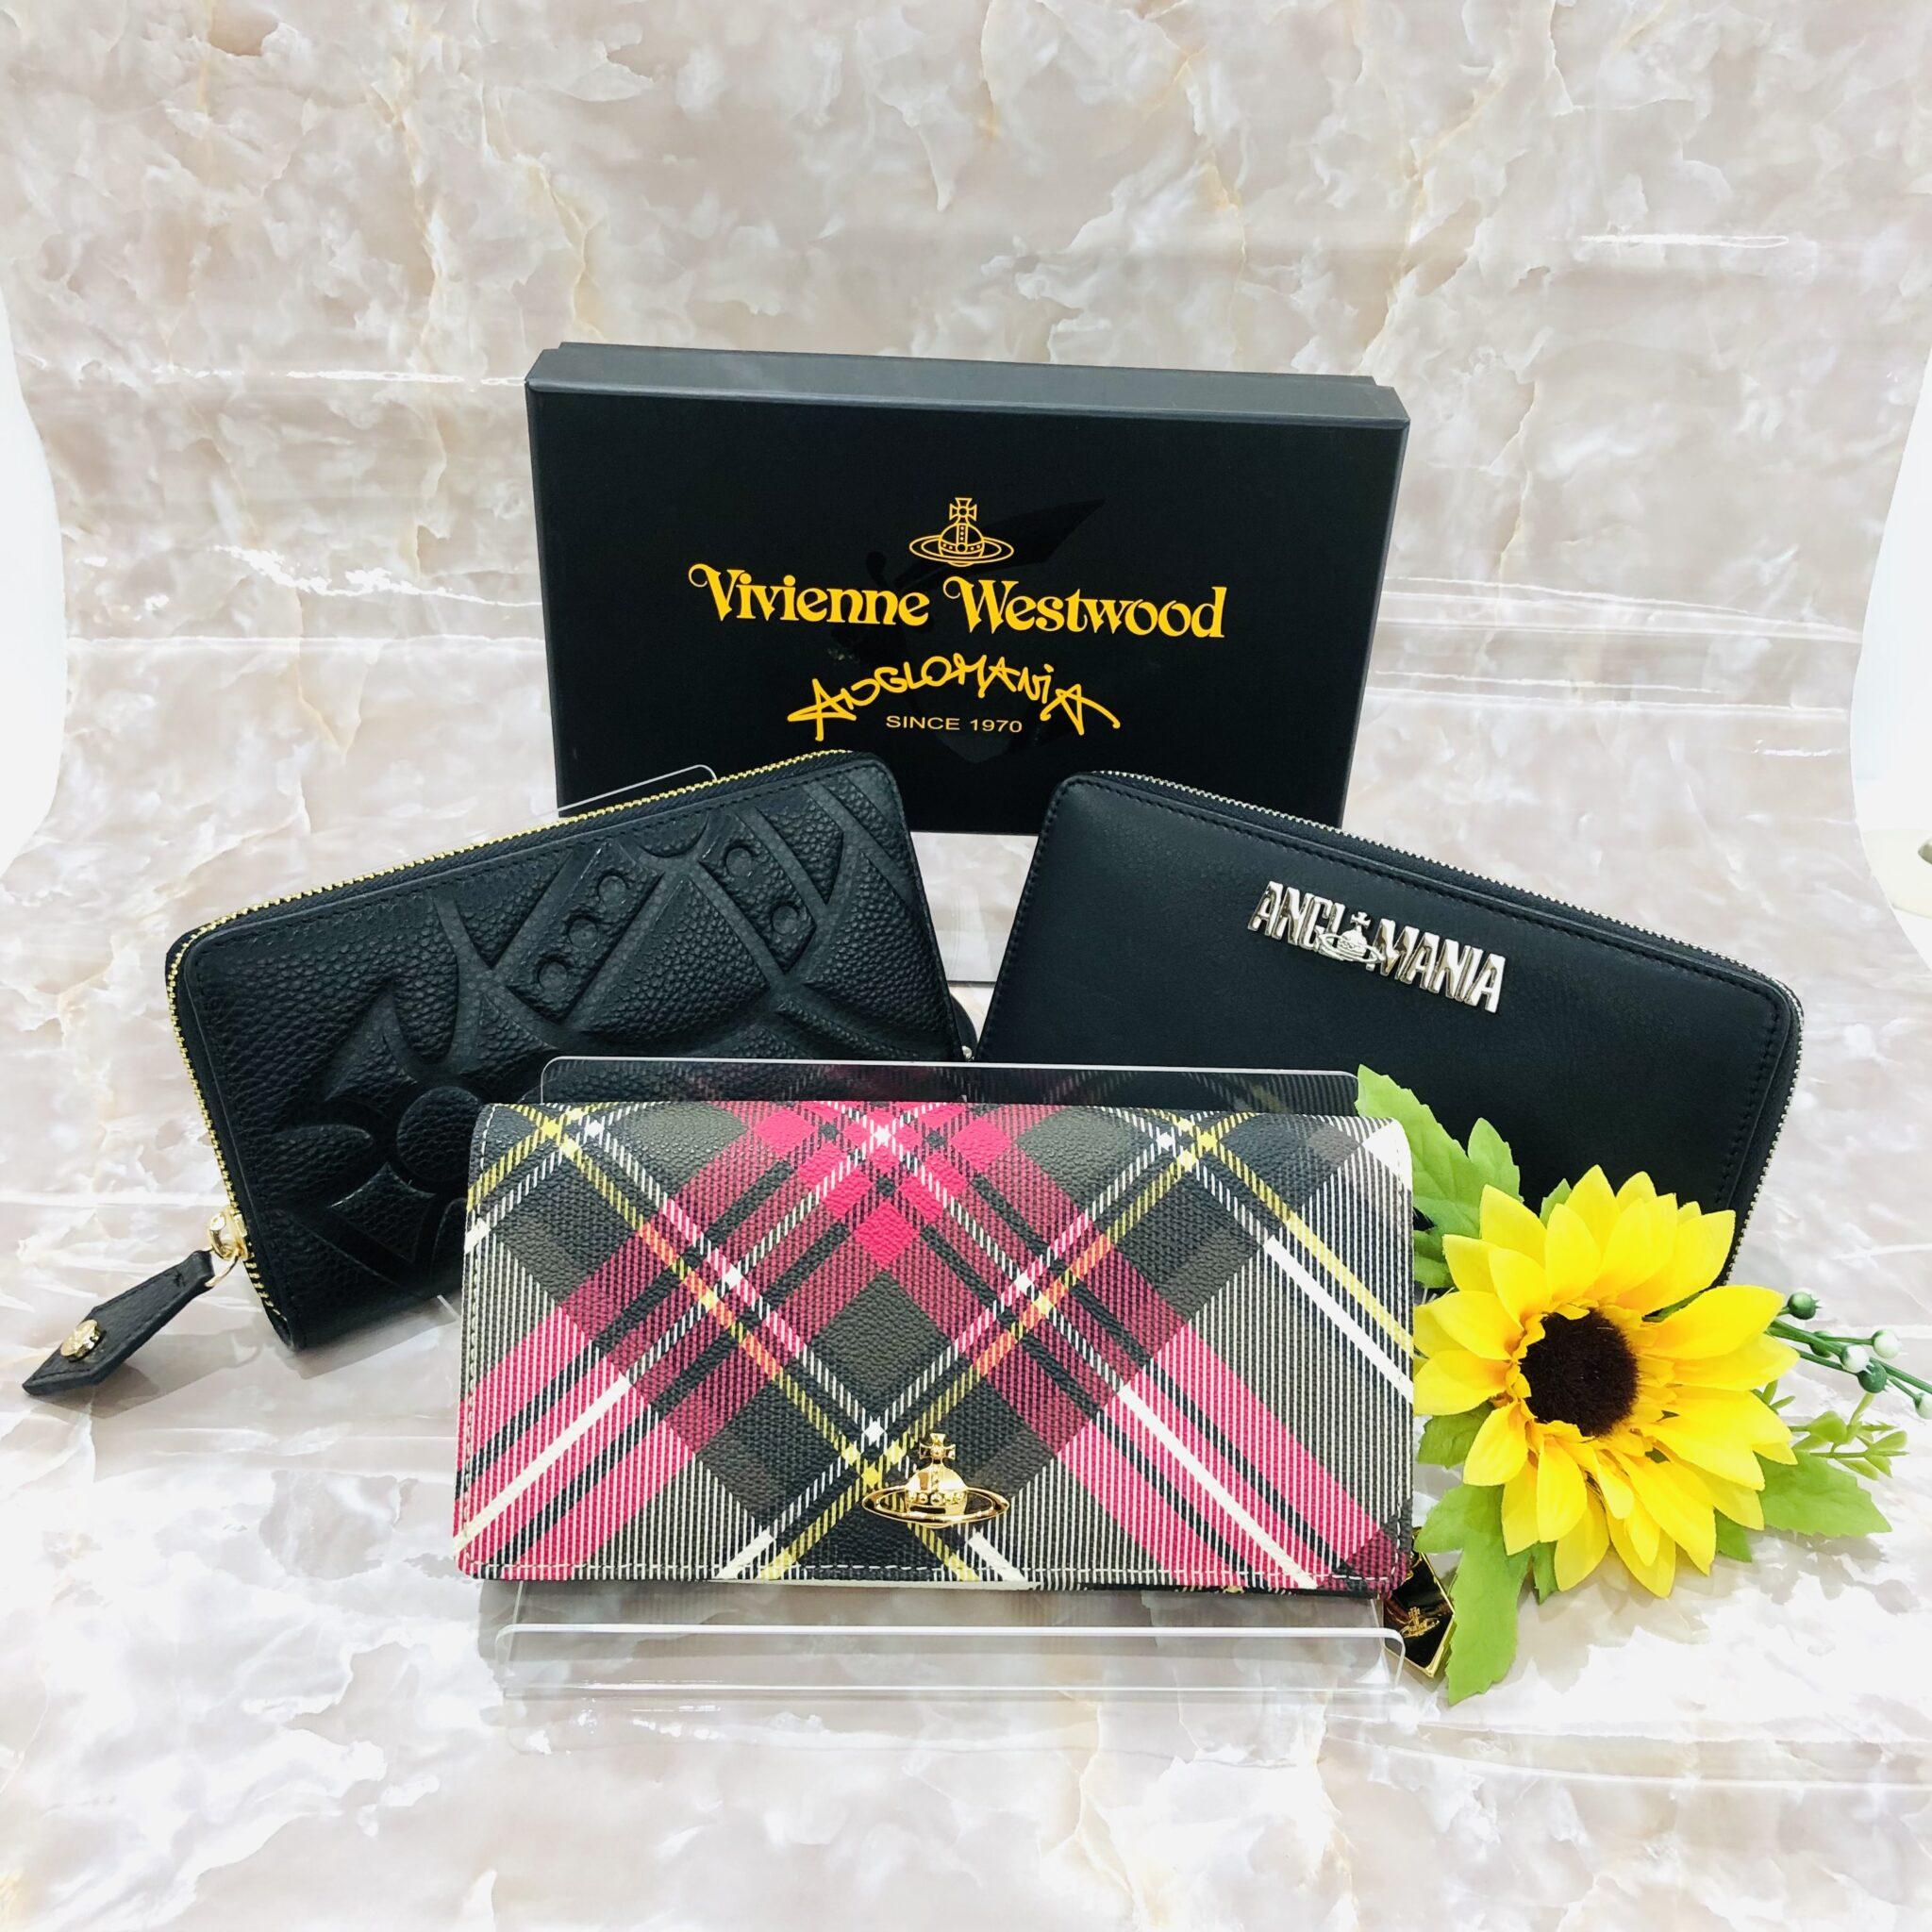 【ブランド 販売 盛岡】今がチャンス✨10%OFFでヴィヴィアンのお財布が購入できる!!